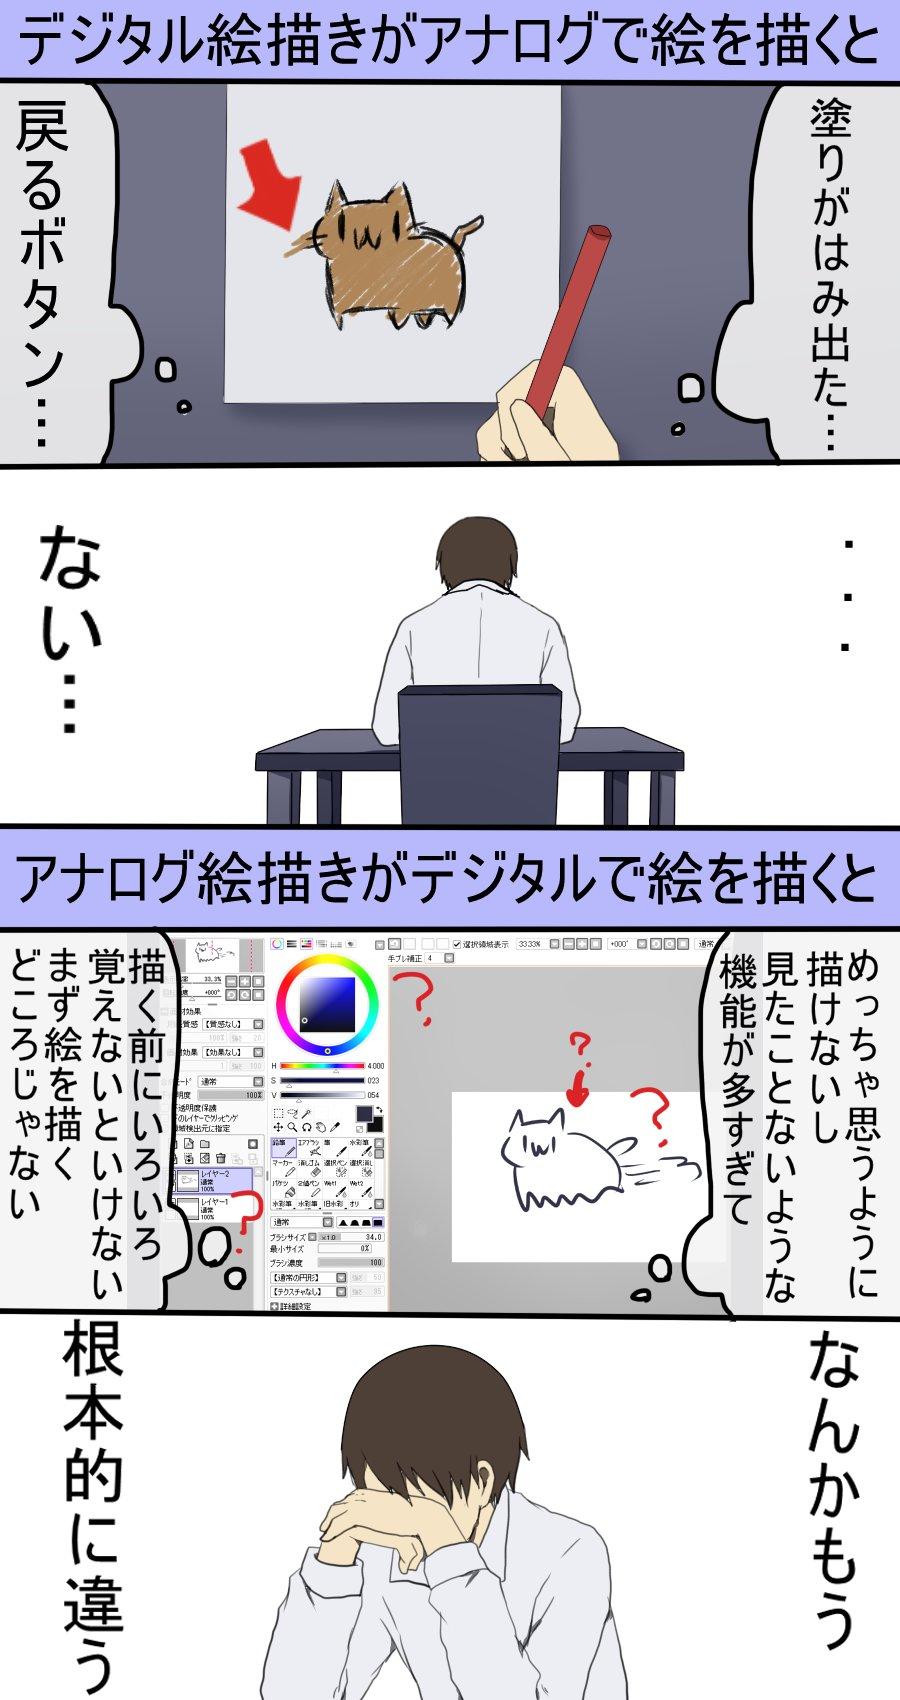 デジタルとアナログでは描き方に根本的な違い的確に示した漫画が